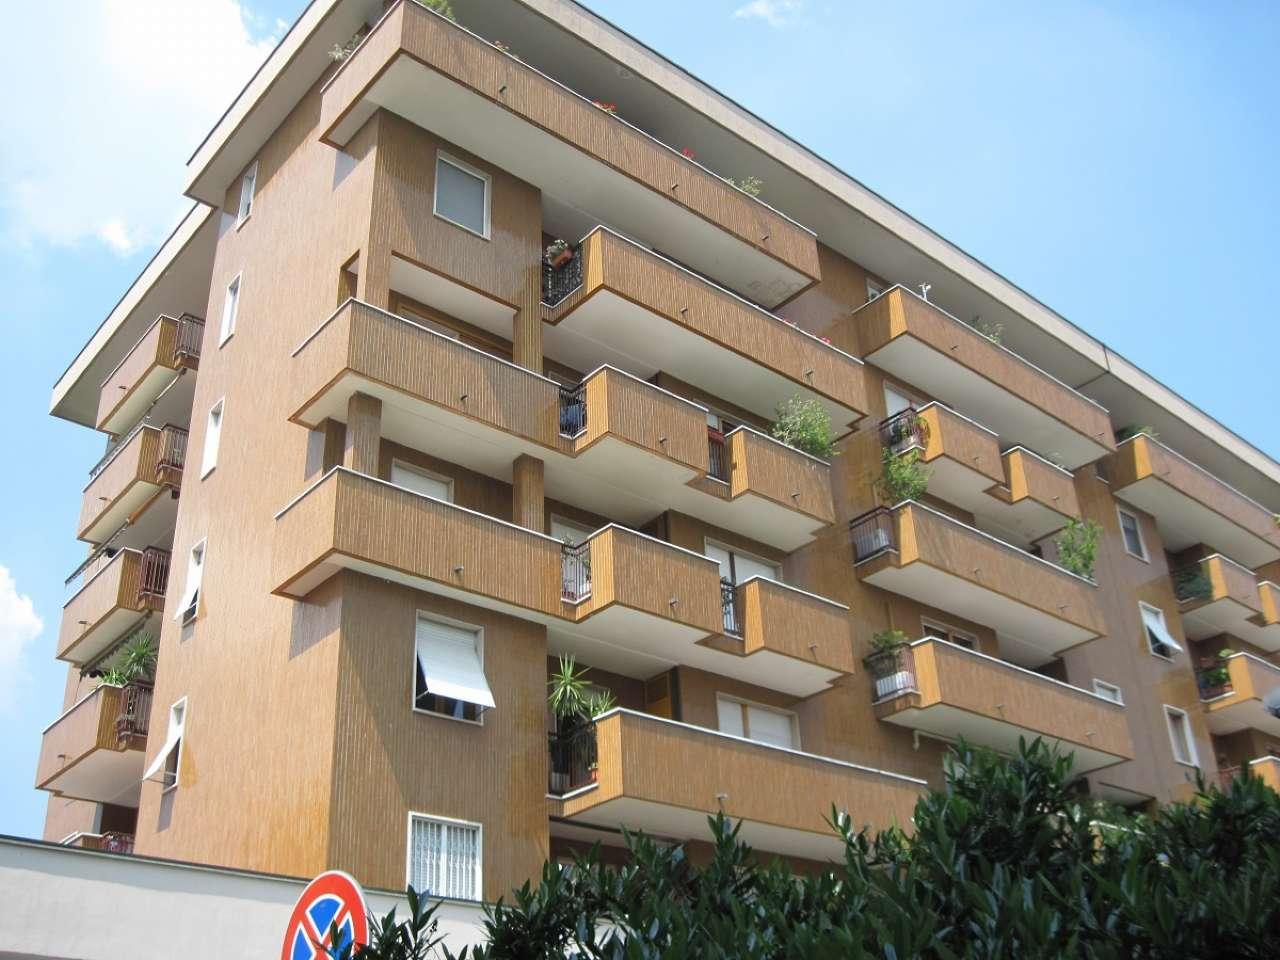 Appartamento in vendita a Cormano, 3 locali, prezzo € 230.000 | PortaleAgenzieImmobiliari.it